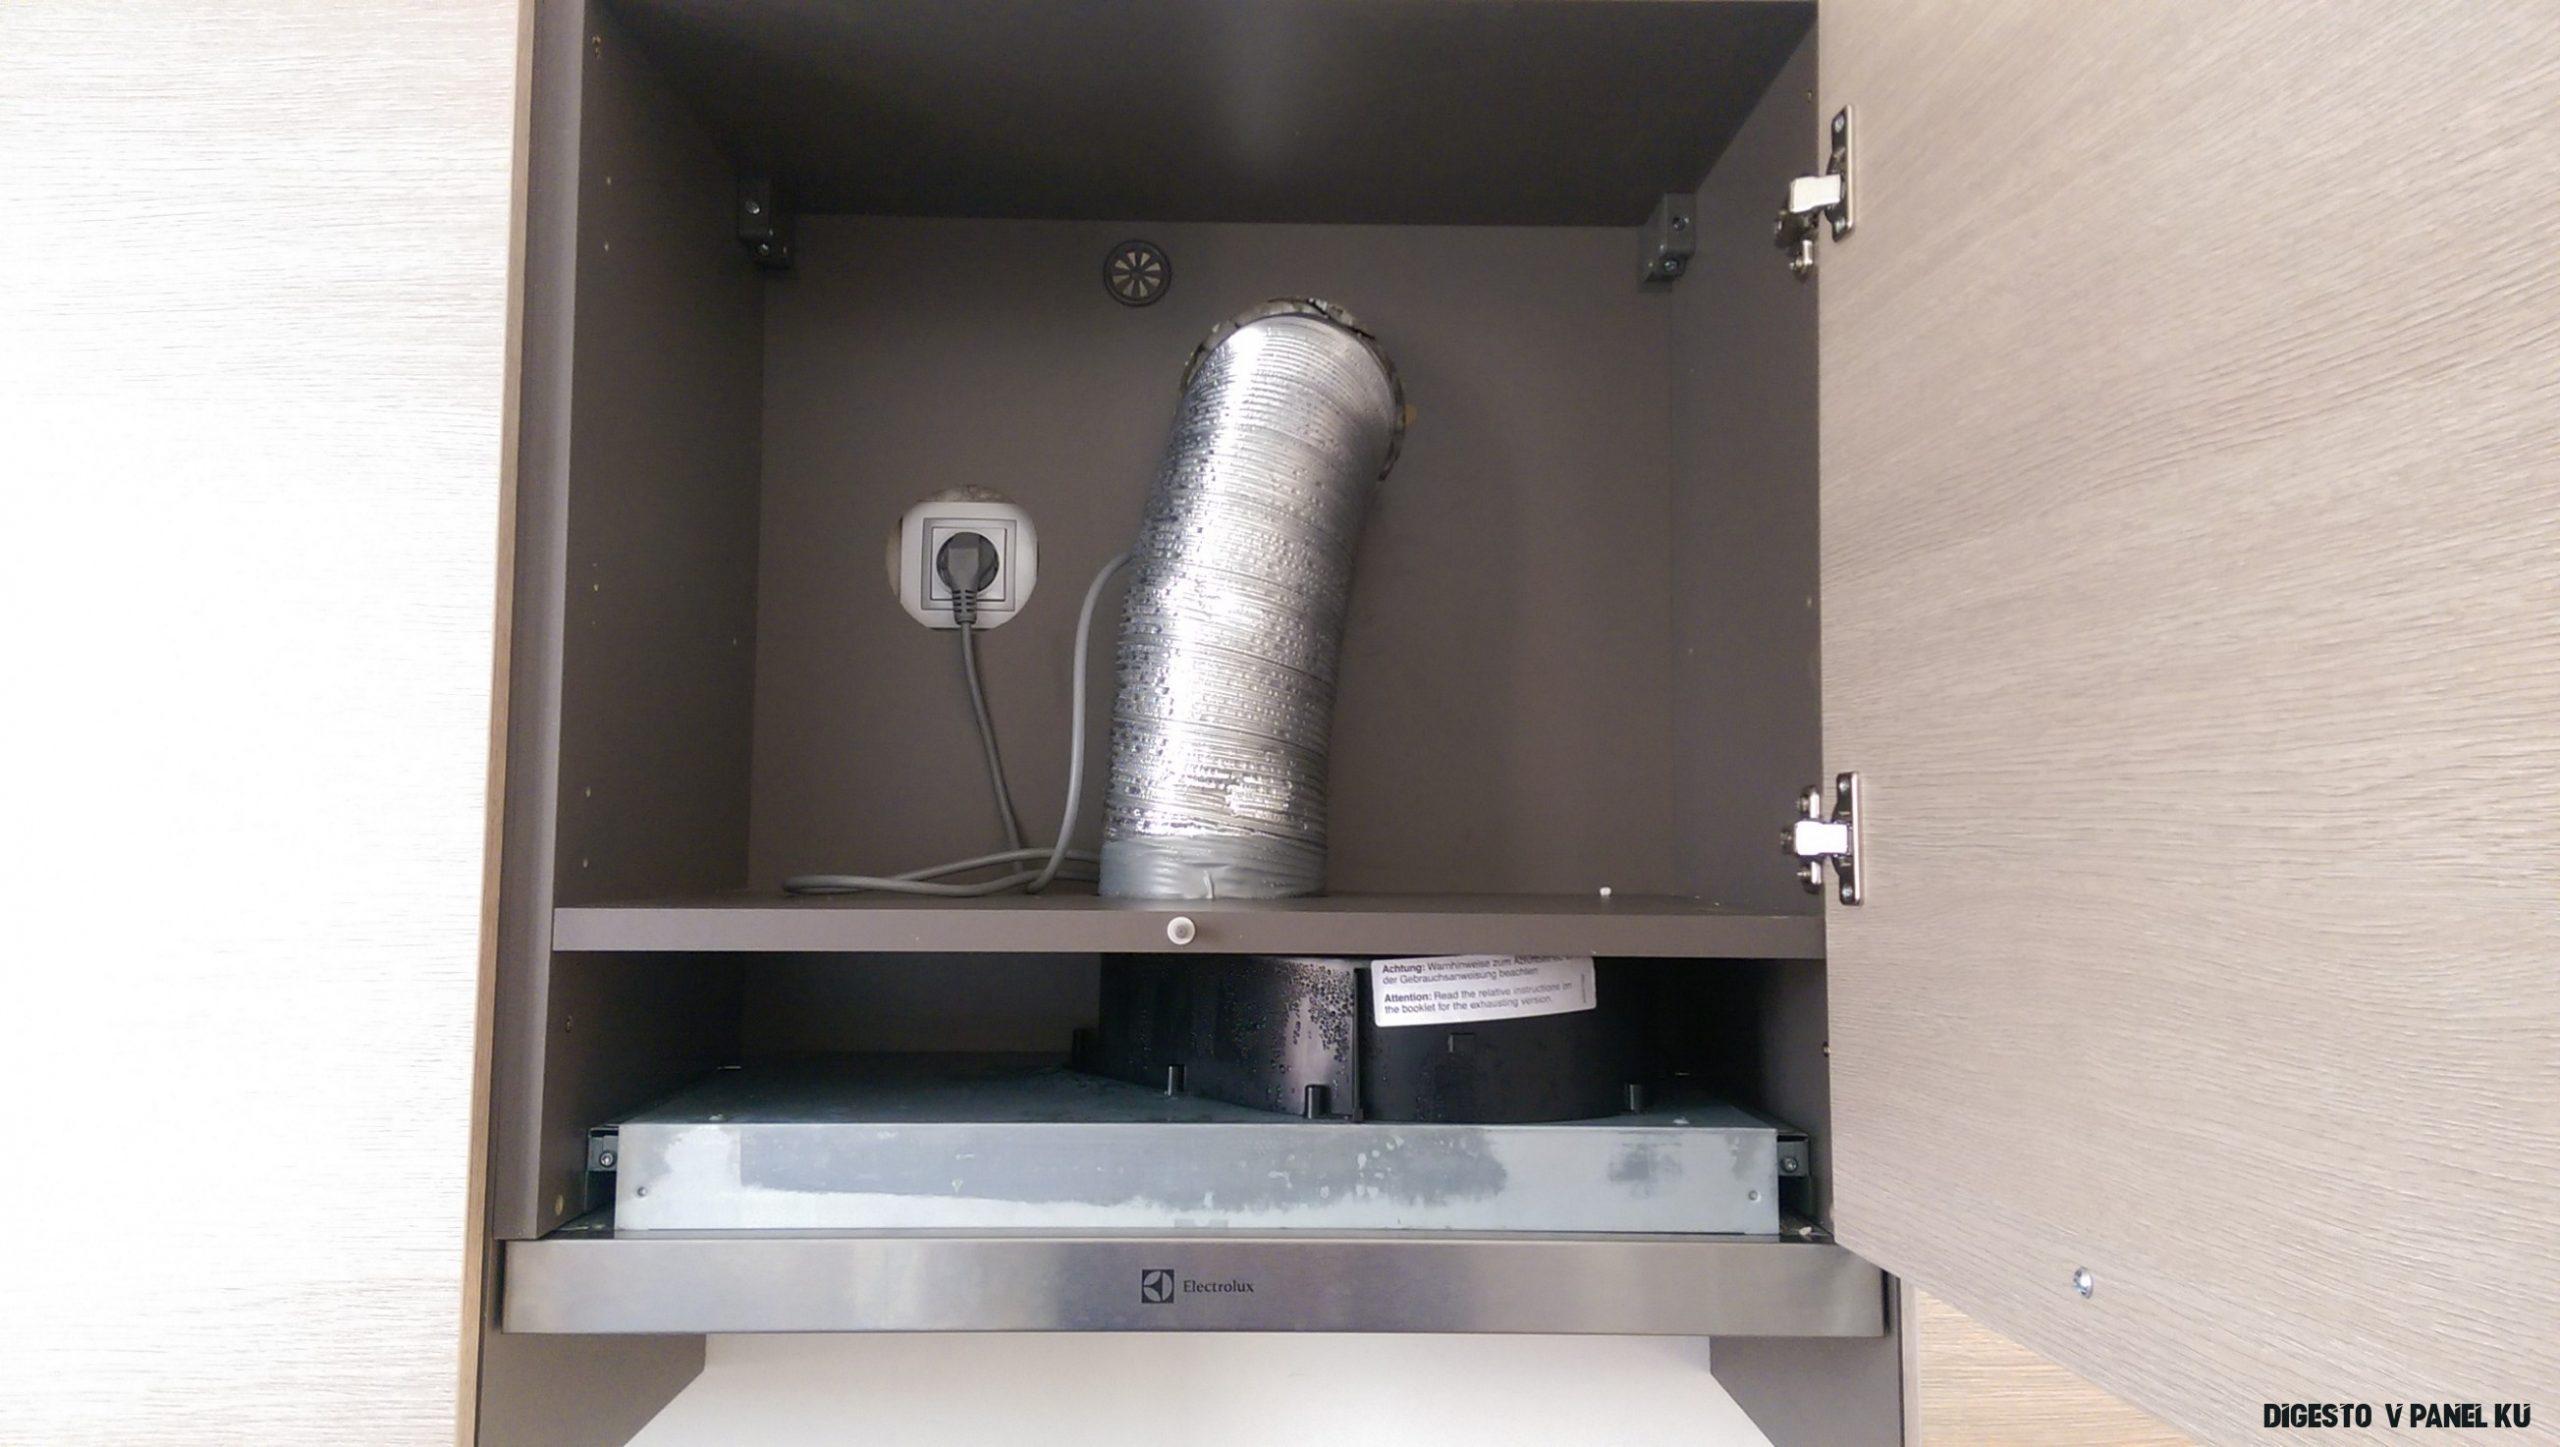 Ukázka z montáže - oprava potrubí k digestoři Odtah digestoře